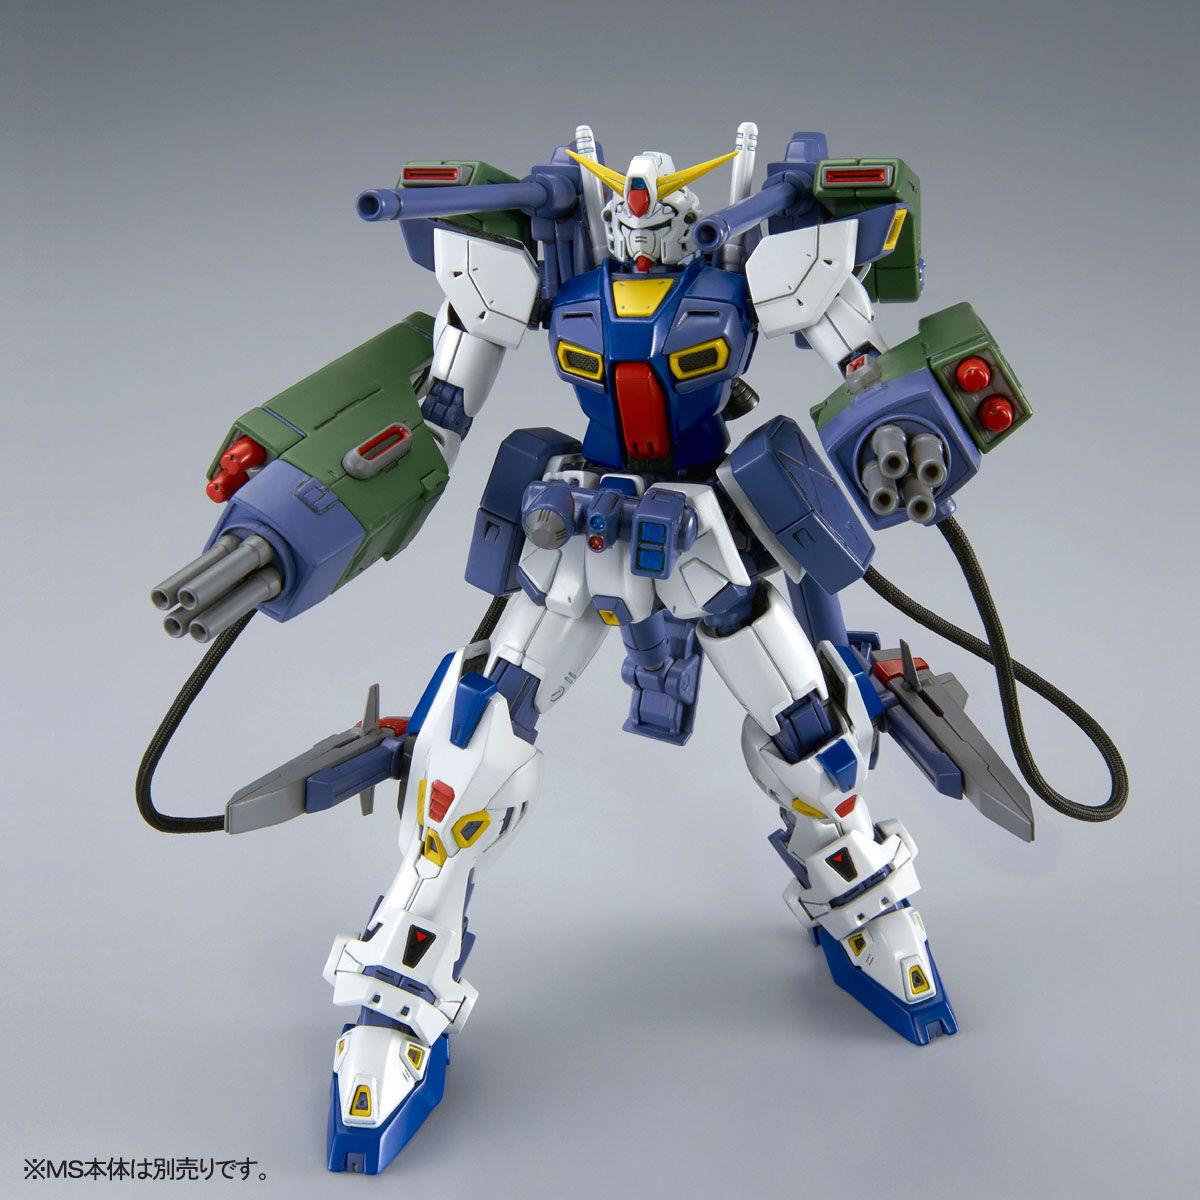 MG 1/100『ガンダムF90用 ミッションパック Eタイプ&Sタイプ』プラモデル-008